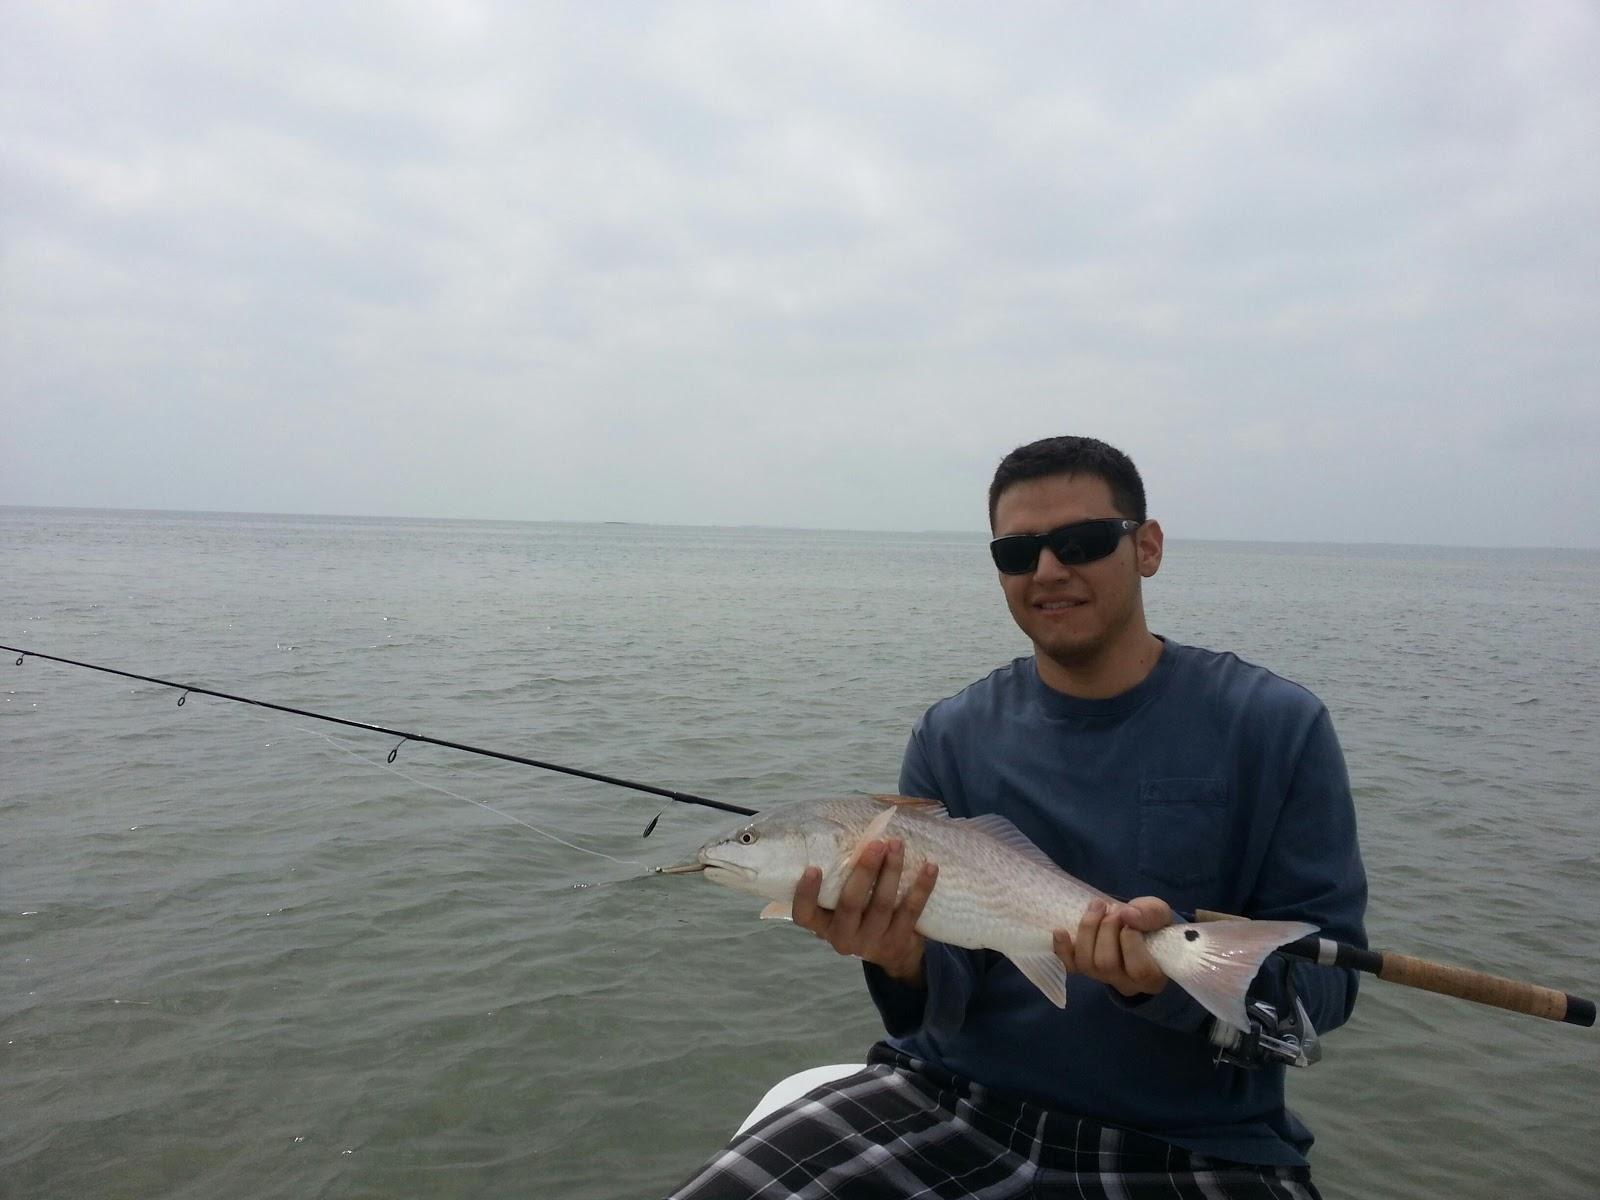 Family fishing arroyo city fishing report for Arroyo city fishing